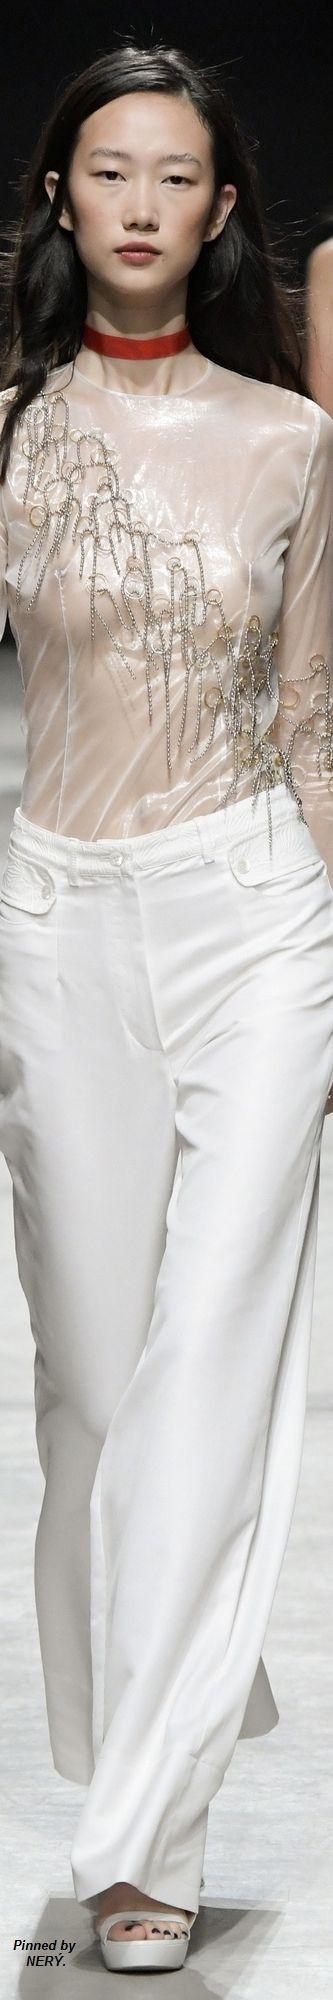 Guy Laroche Spring 2017:  gosto e é adequada a imitar, transformando o vestuário com a aplicação de correntes metálicas!